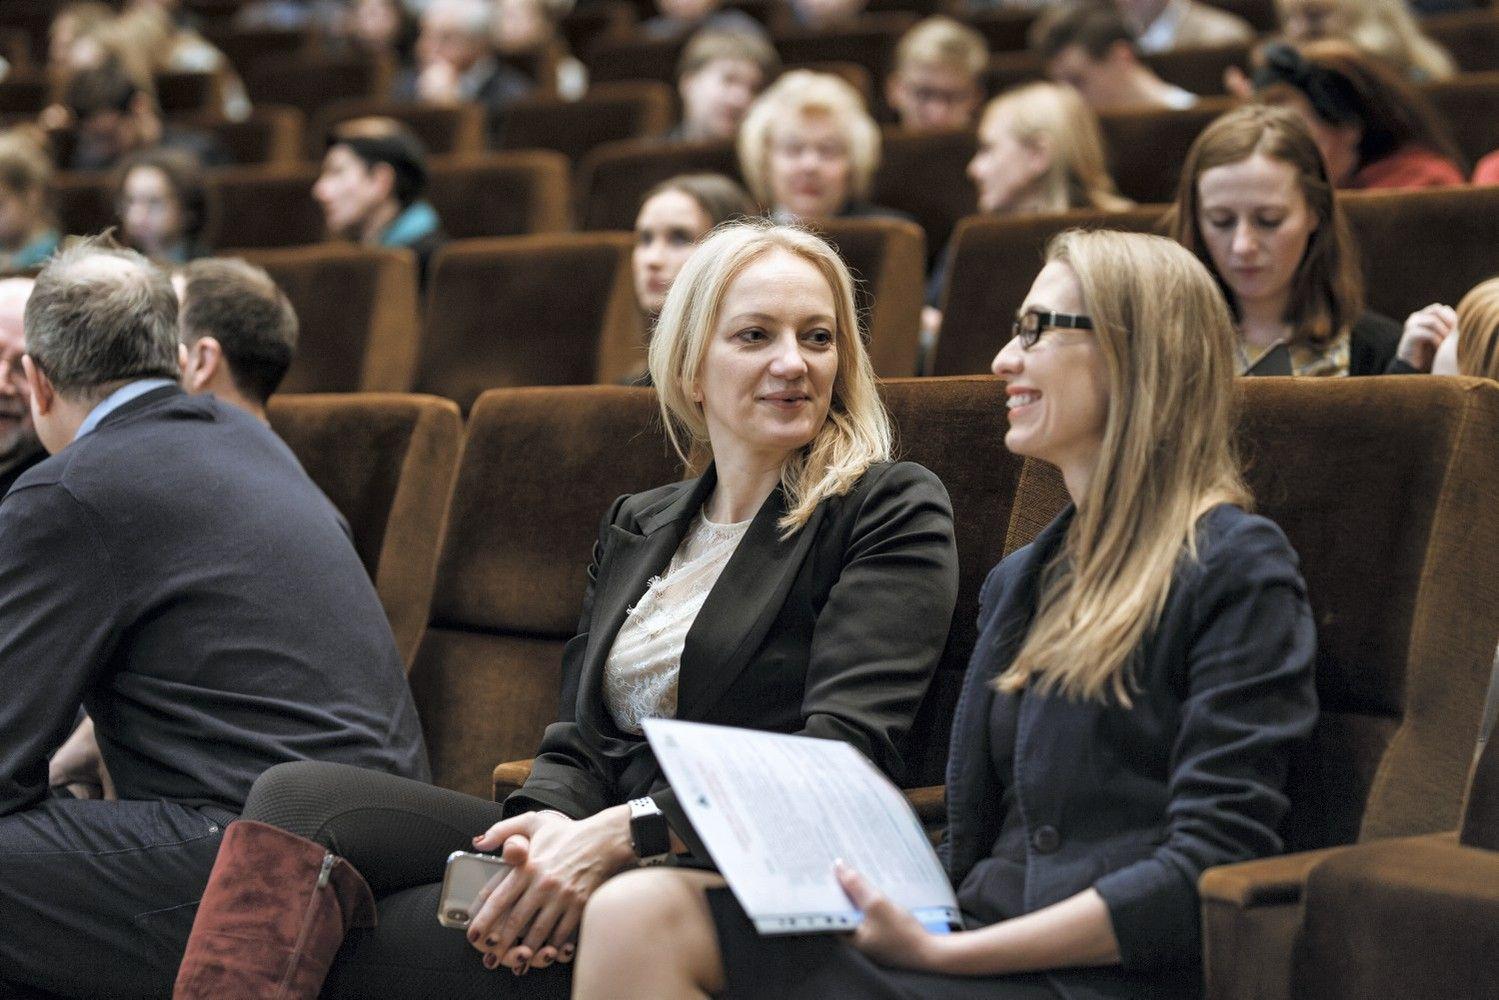 Vyriausybėje apdovanoti nusipelnę lyderiai antrepreneriai